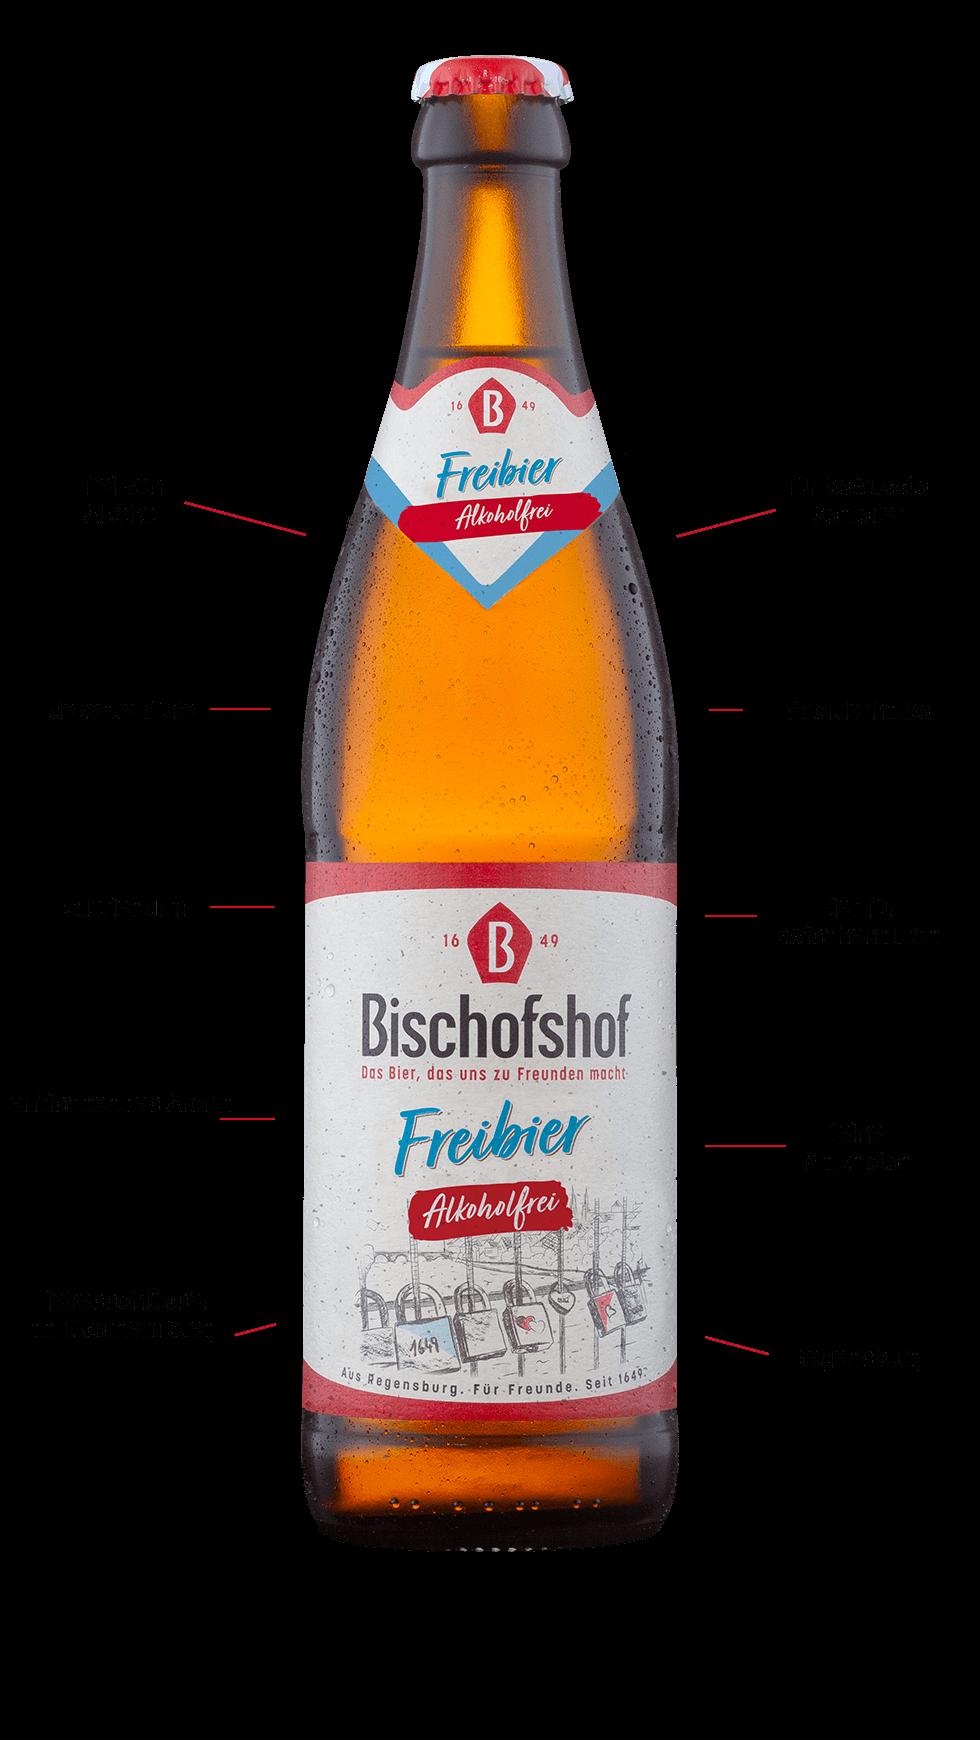 Bischofshof-Freibier-Alkoholfrei-0-5l_ManhartMedia_Schlagwoerter_02